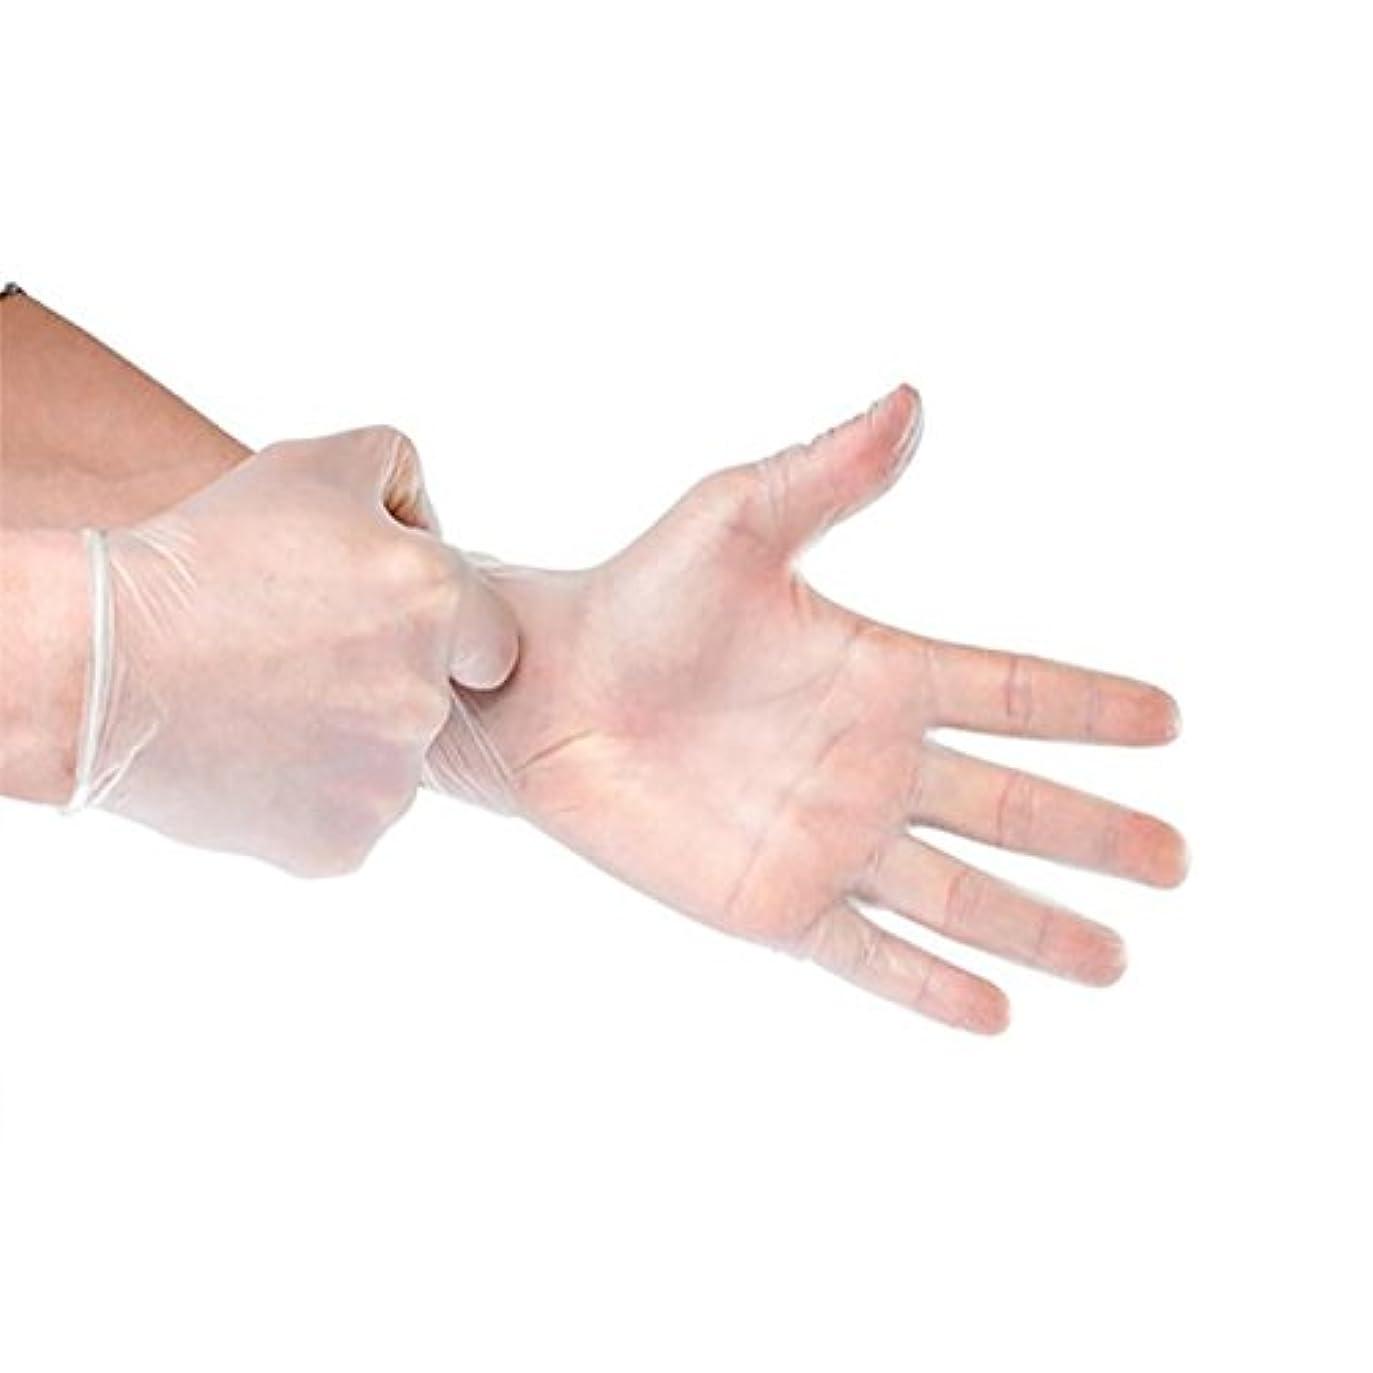 遅い免疫するに慣れCozyswan 使い捨て手袋 100枚入り 粉なし検査 料理 絵 清潔 掃除 ペット管理 size M (透明)